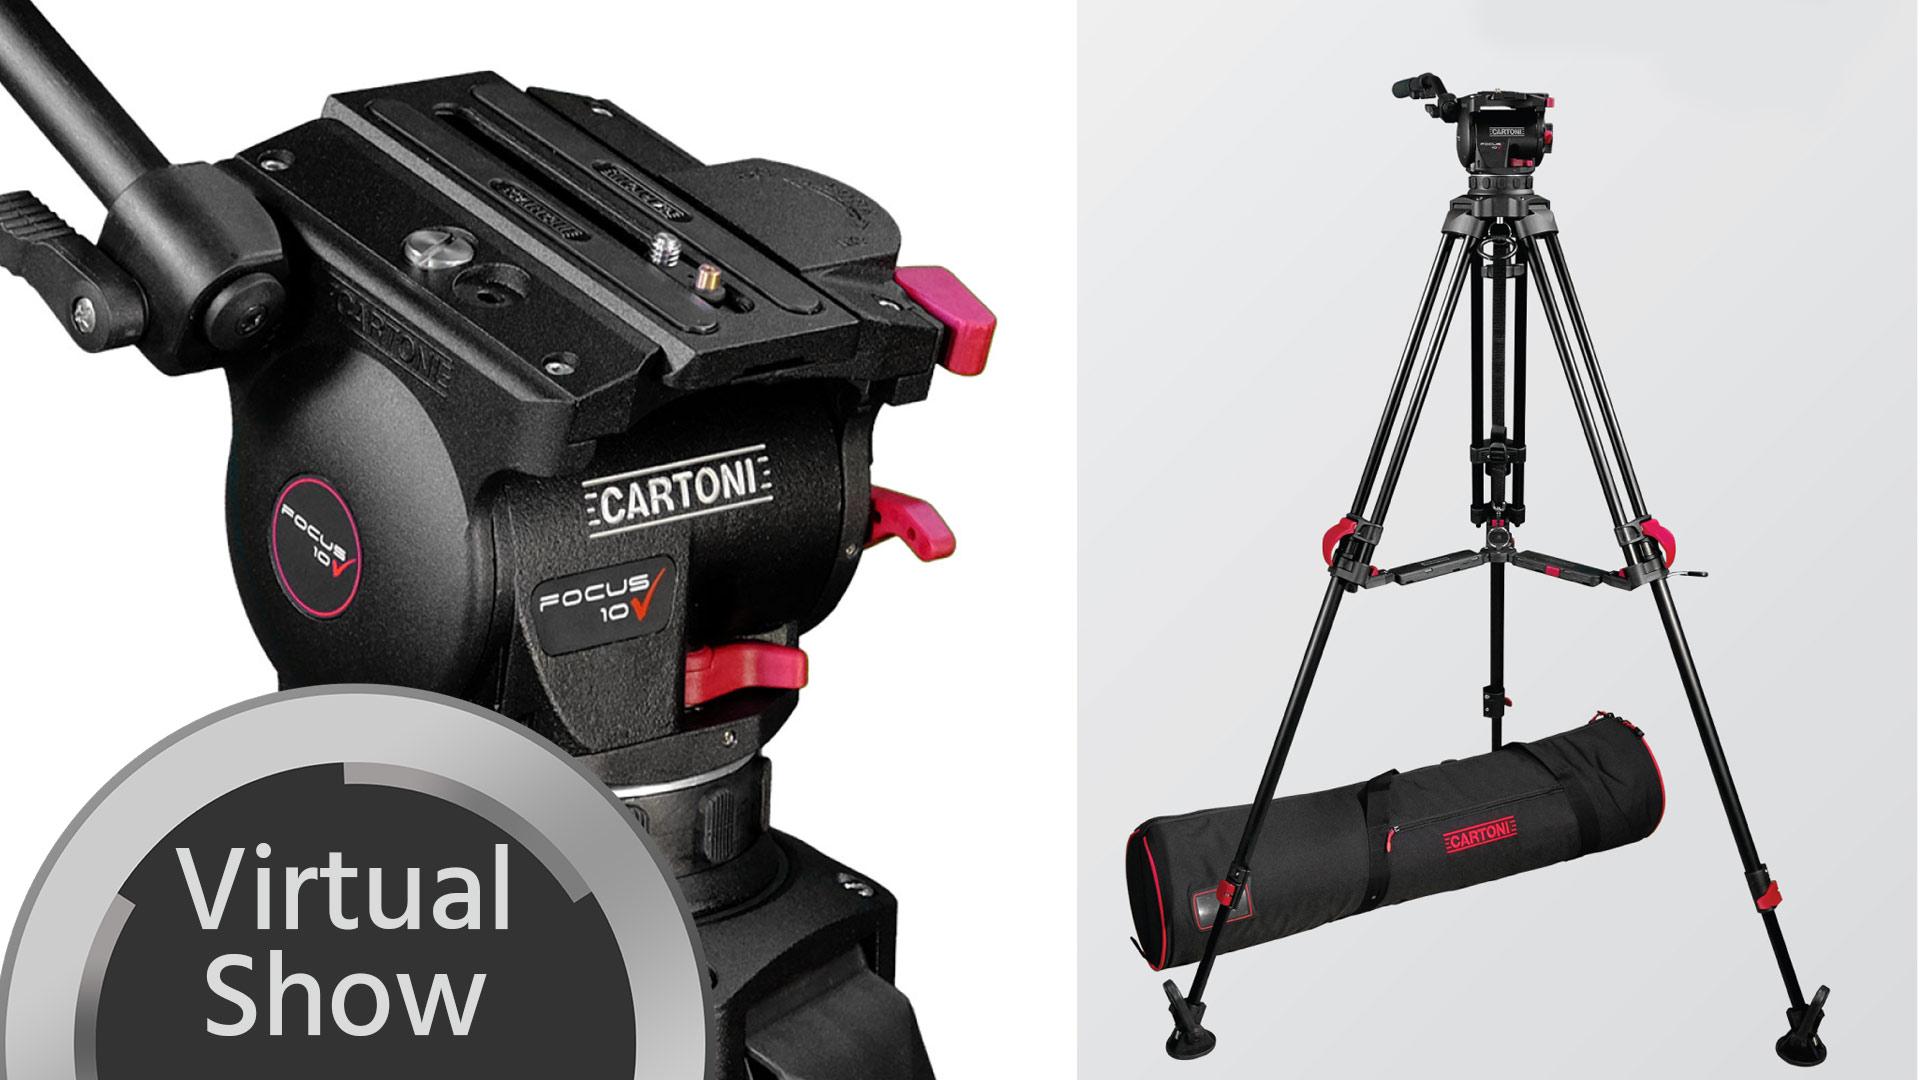 Sistema de trípode Cartoni Red Lock – Primera impresión y entrevista